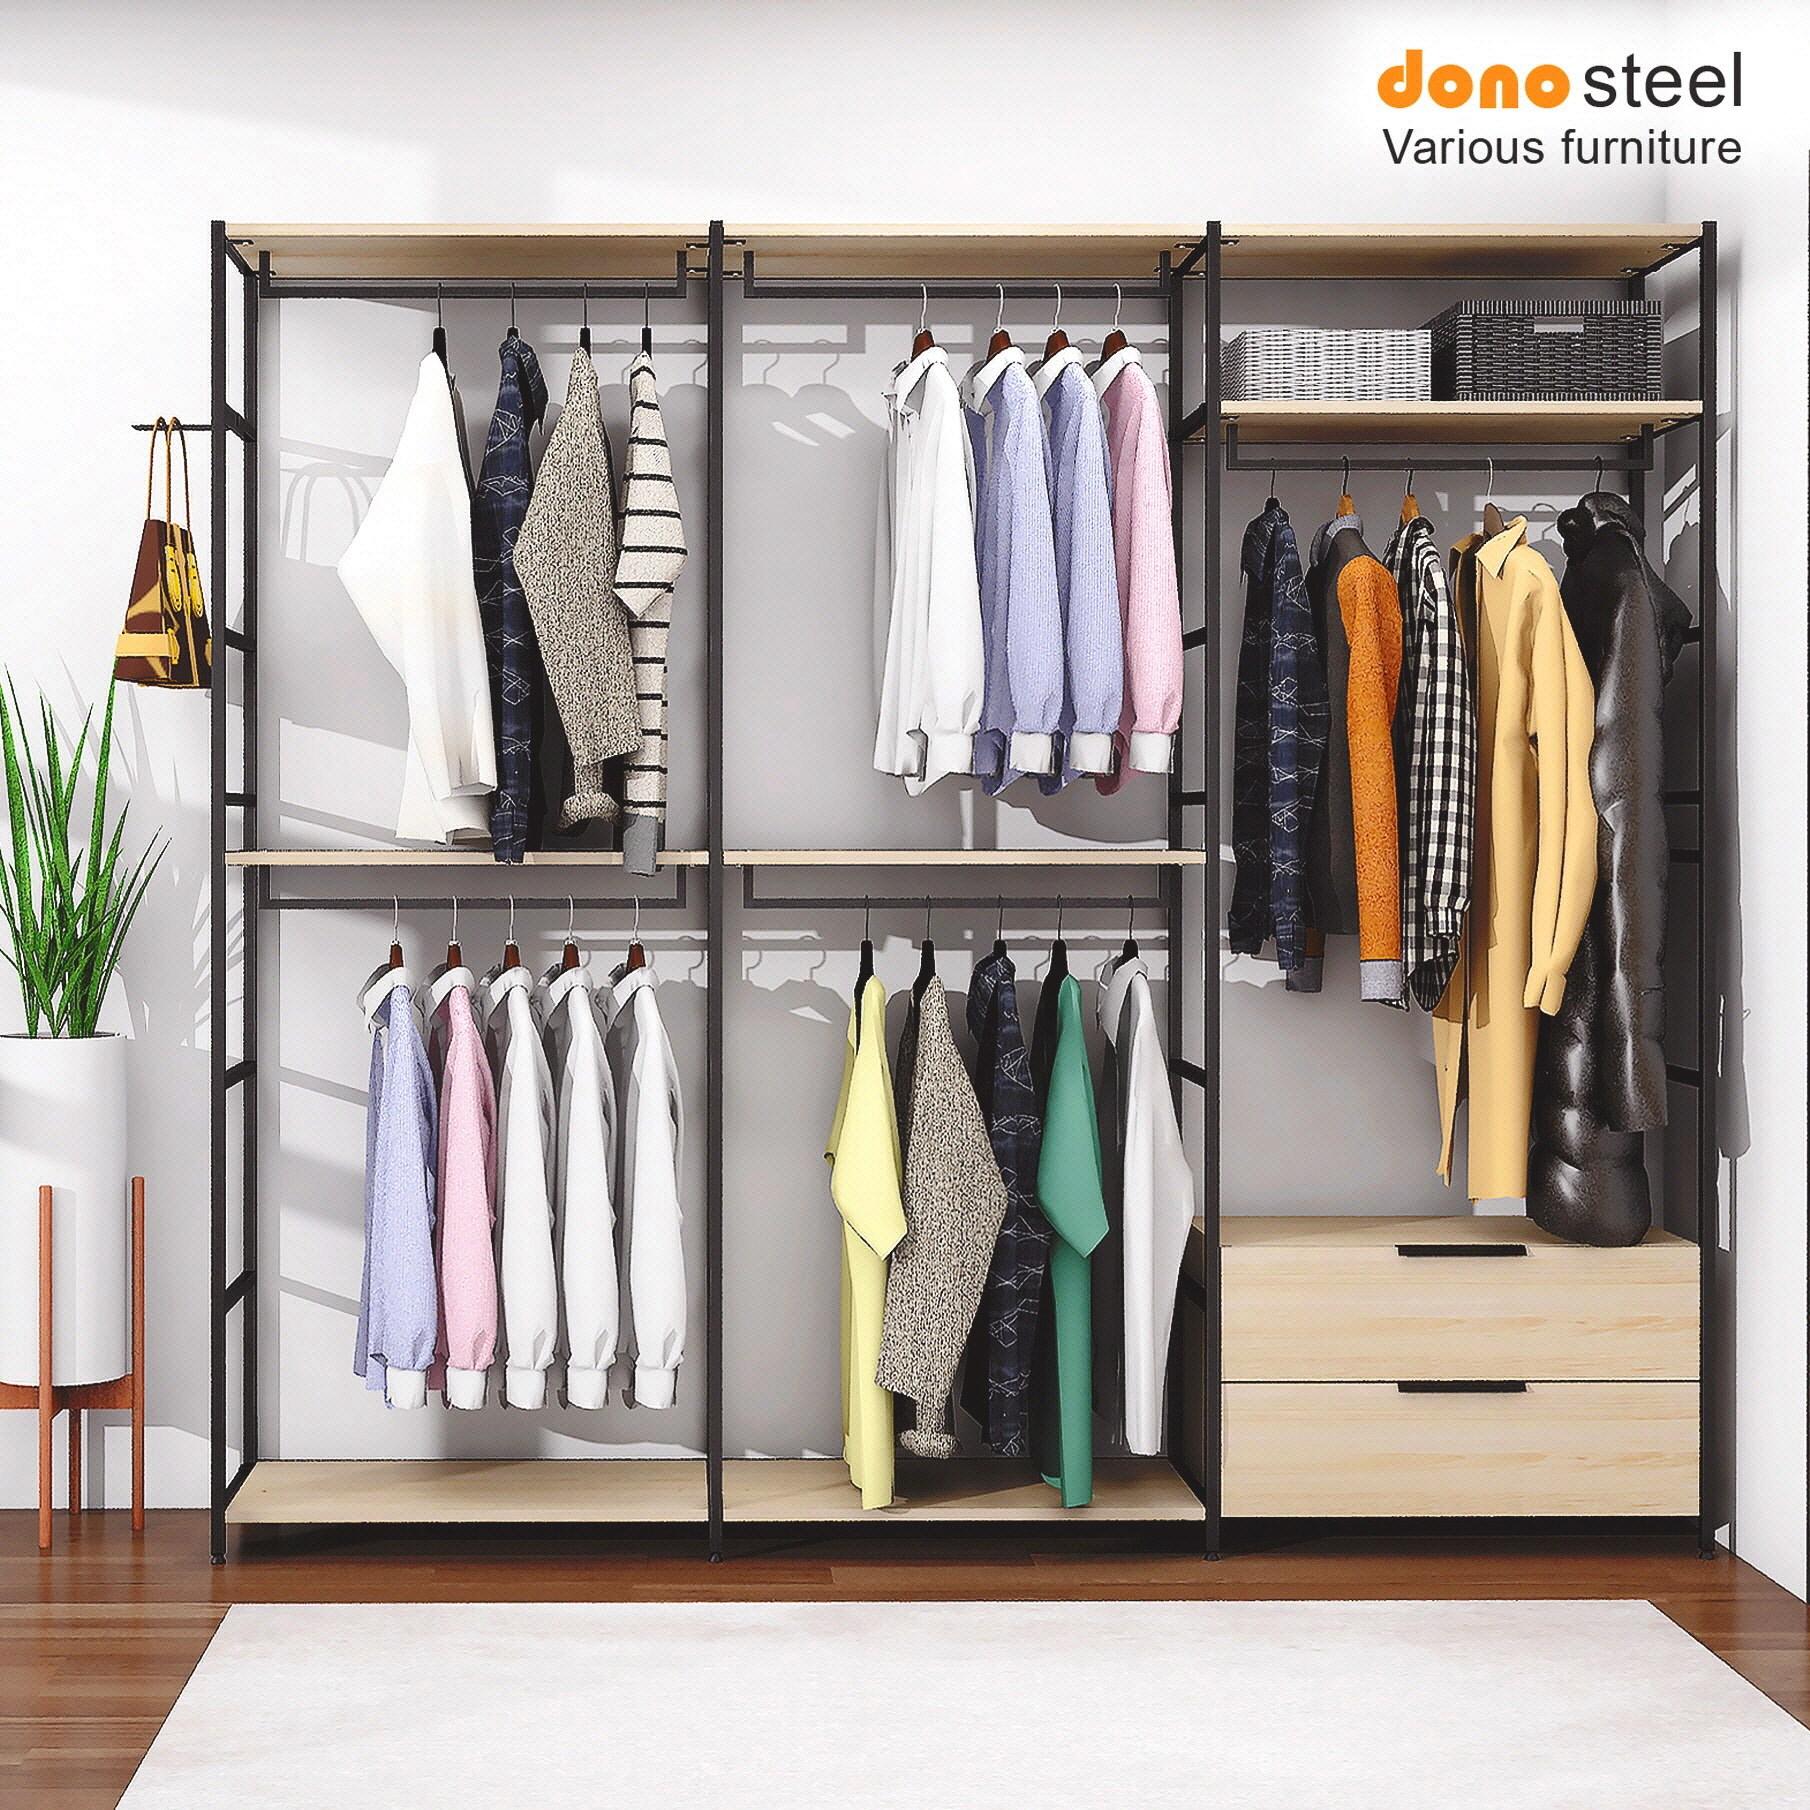 도노스틸 올리카 시스템연결옷장 6단3칸 서랍세트 드레스룸, A1. 옷장 6단3칸 (2행거+2행거+서랍)-도노오크